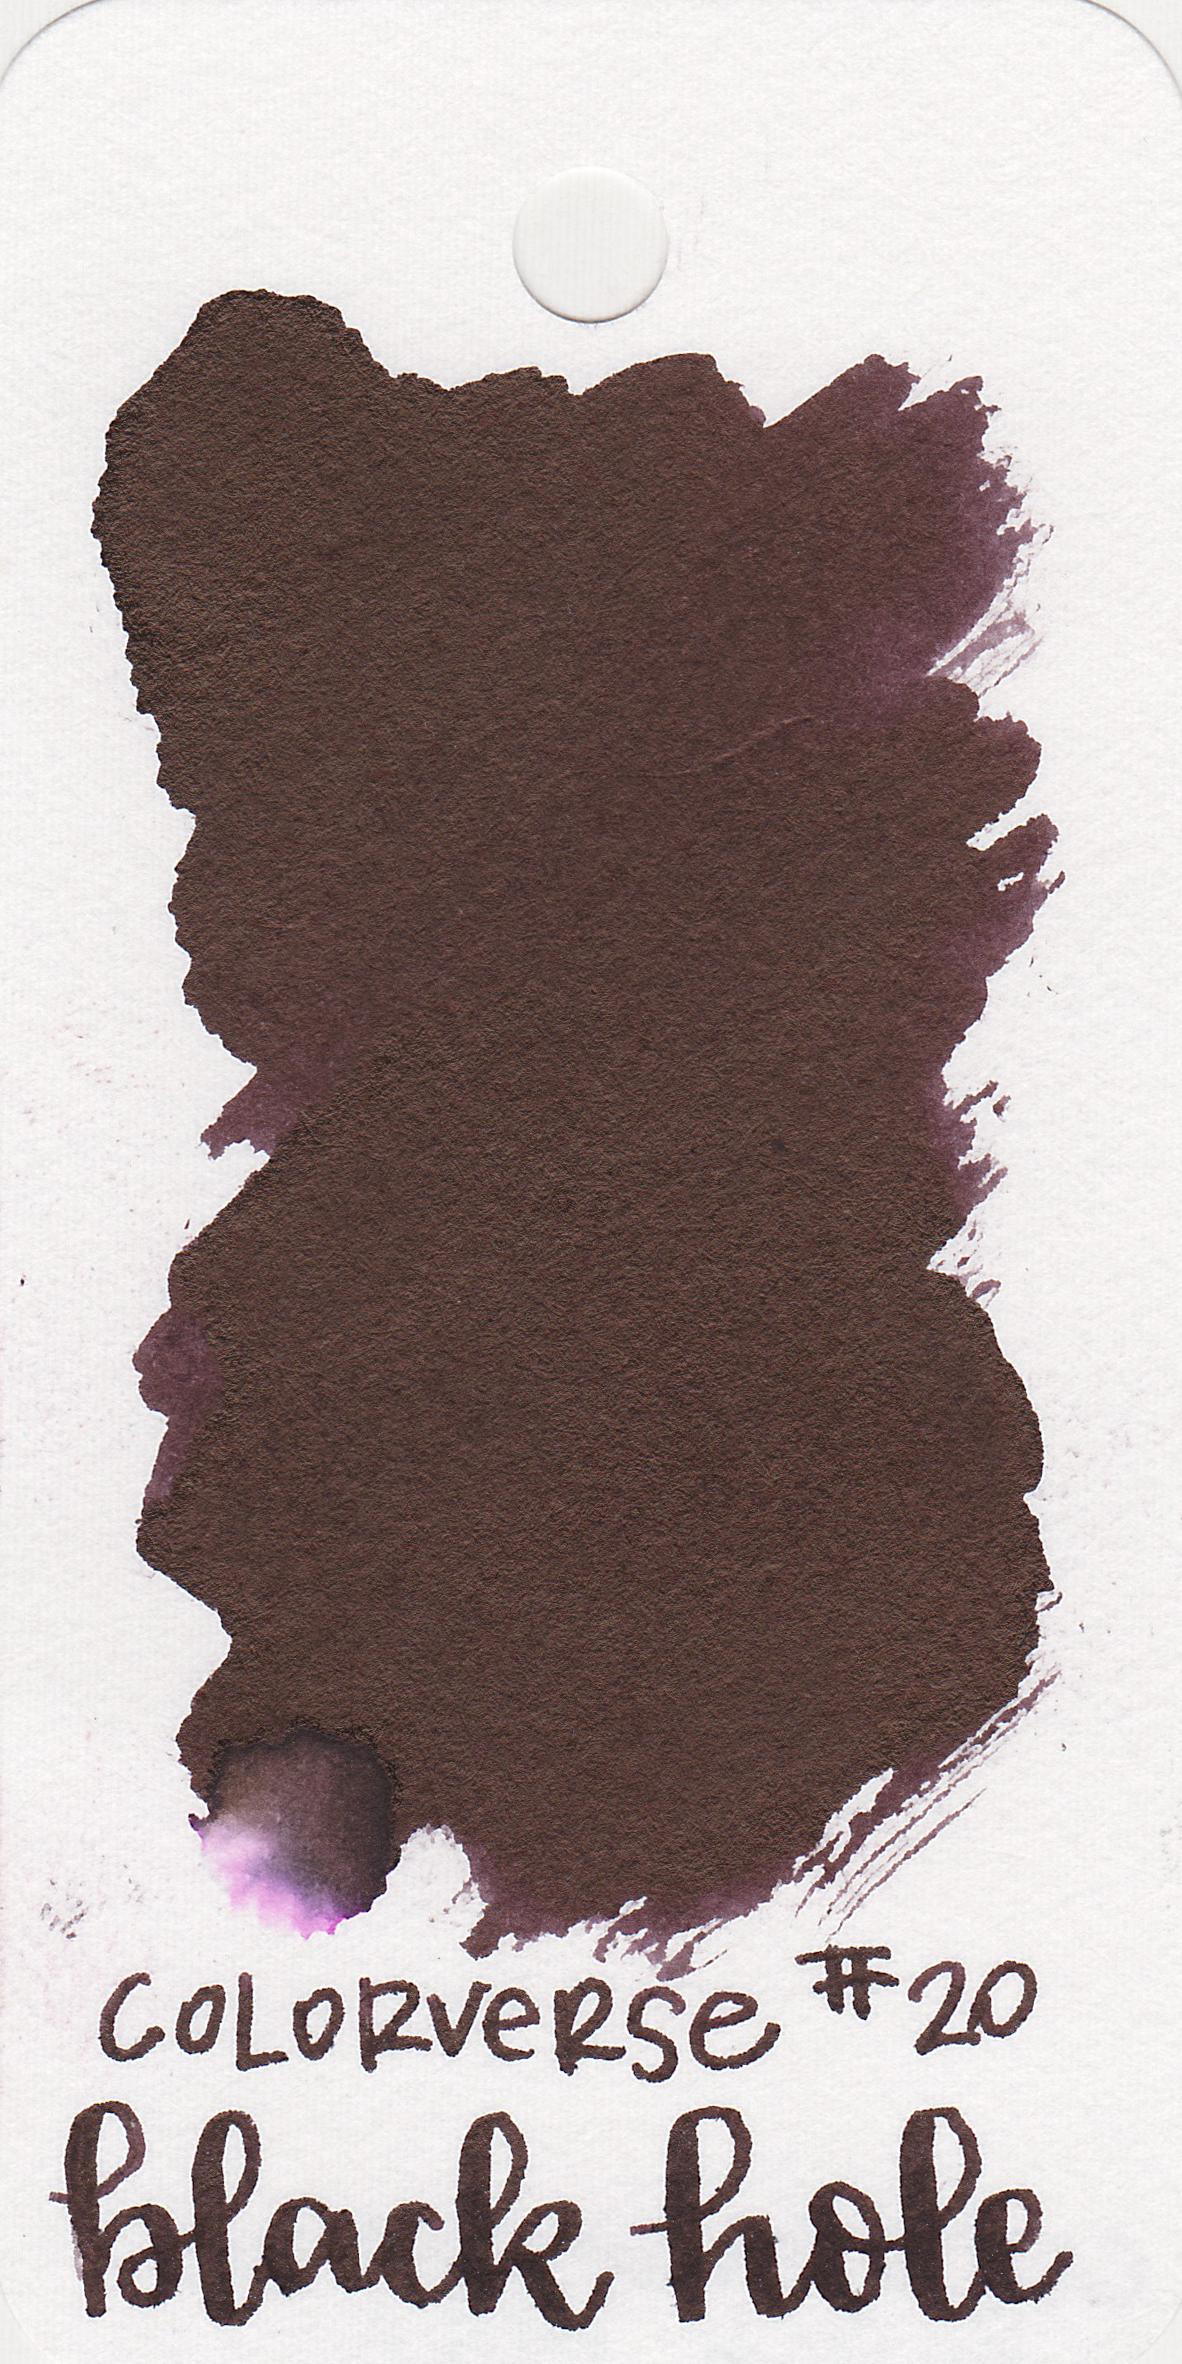 cv-black-hole-1.jpg